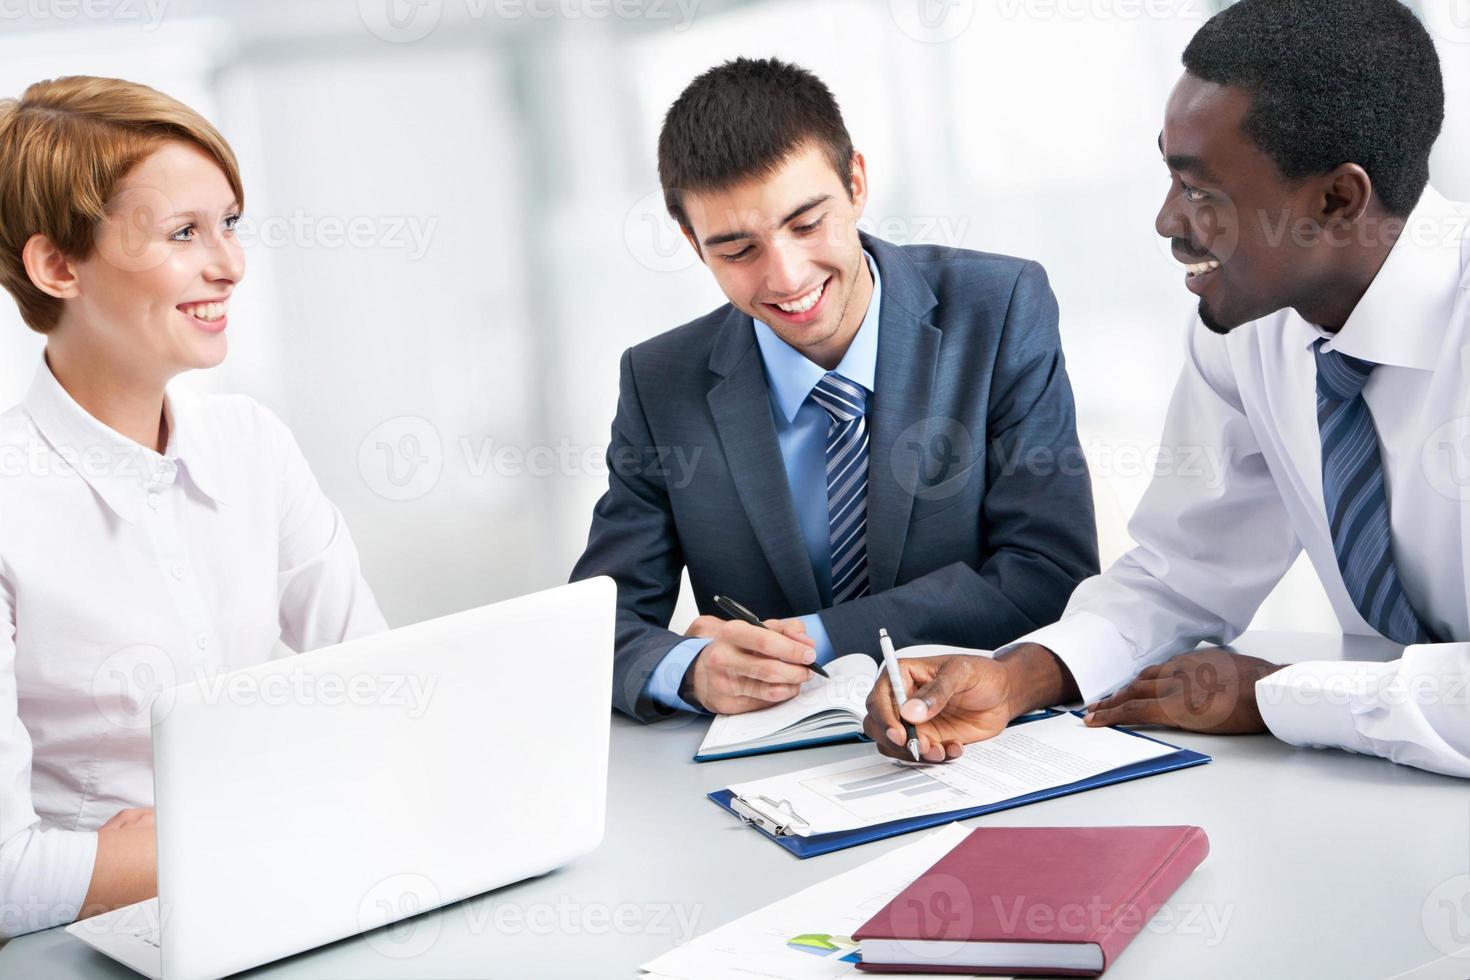 Retrato de reunión de grupo empresarial foto